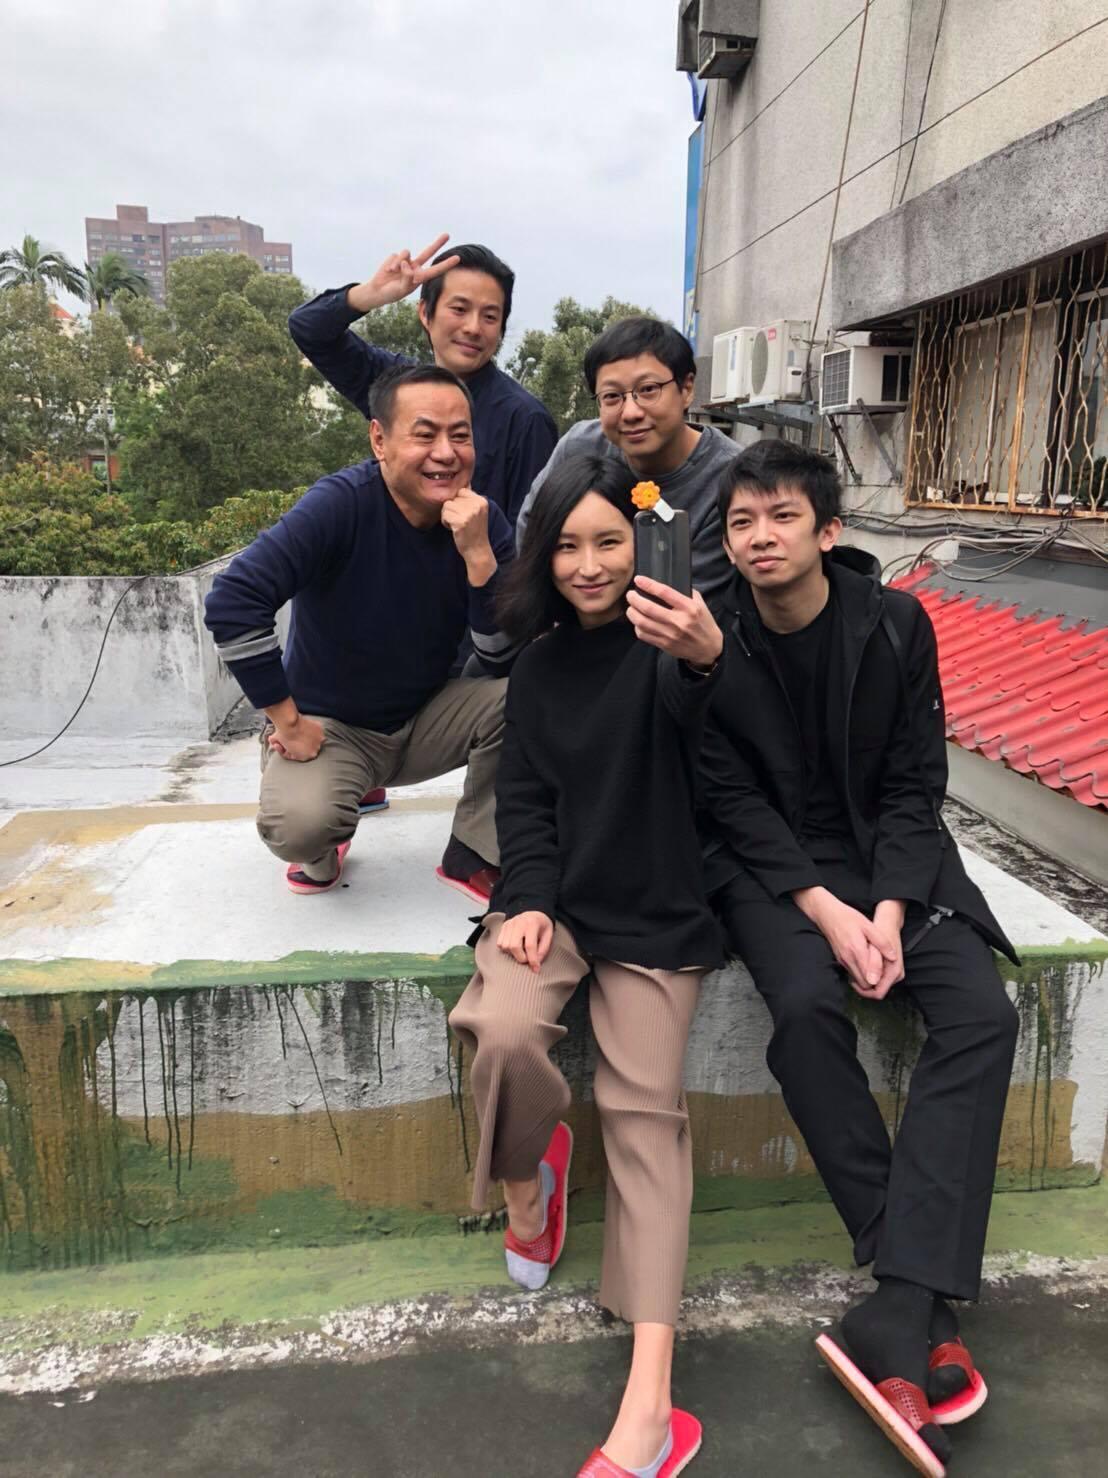 蔡振南(左一)與法籣黛相見歡。圖/非常棒提供